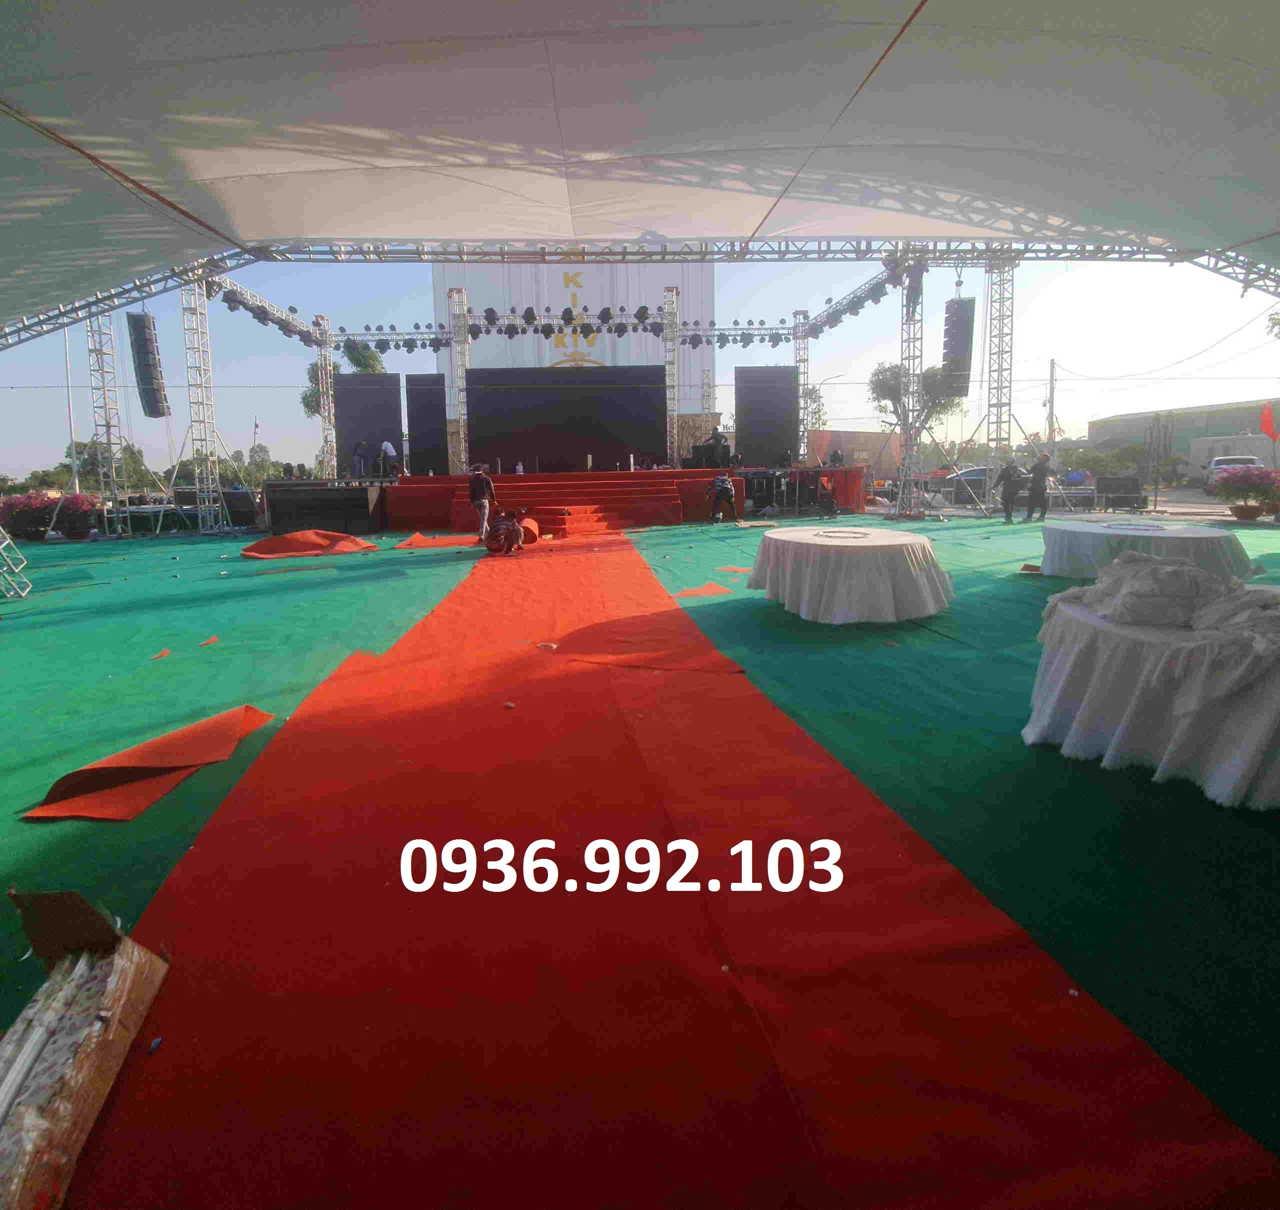 Chuẩn bị sân khấu hoàn chỉnh và cho chạy thử trước khi chính thức diễn ra lễ khai trương, khánh thành